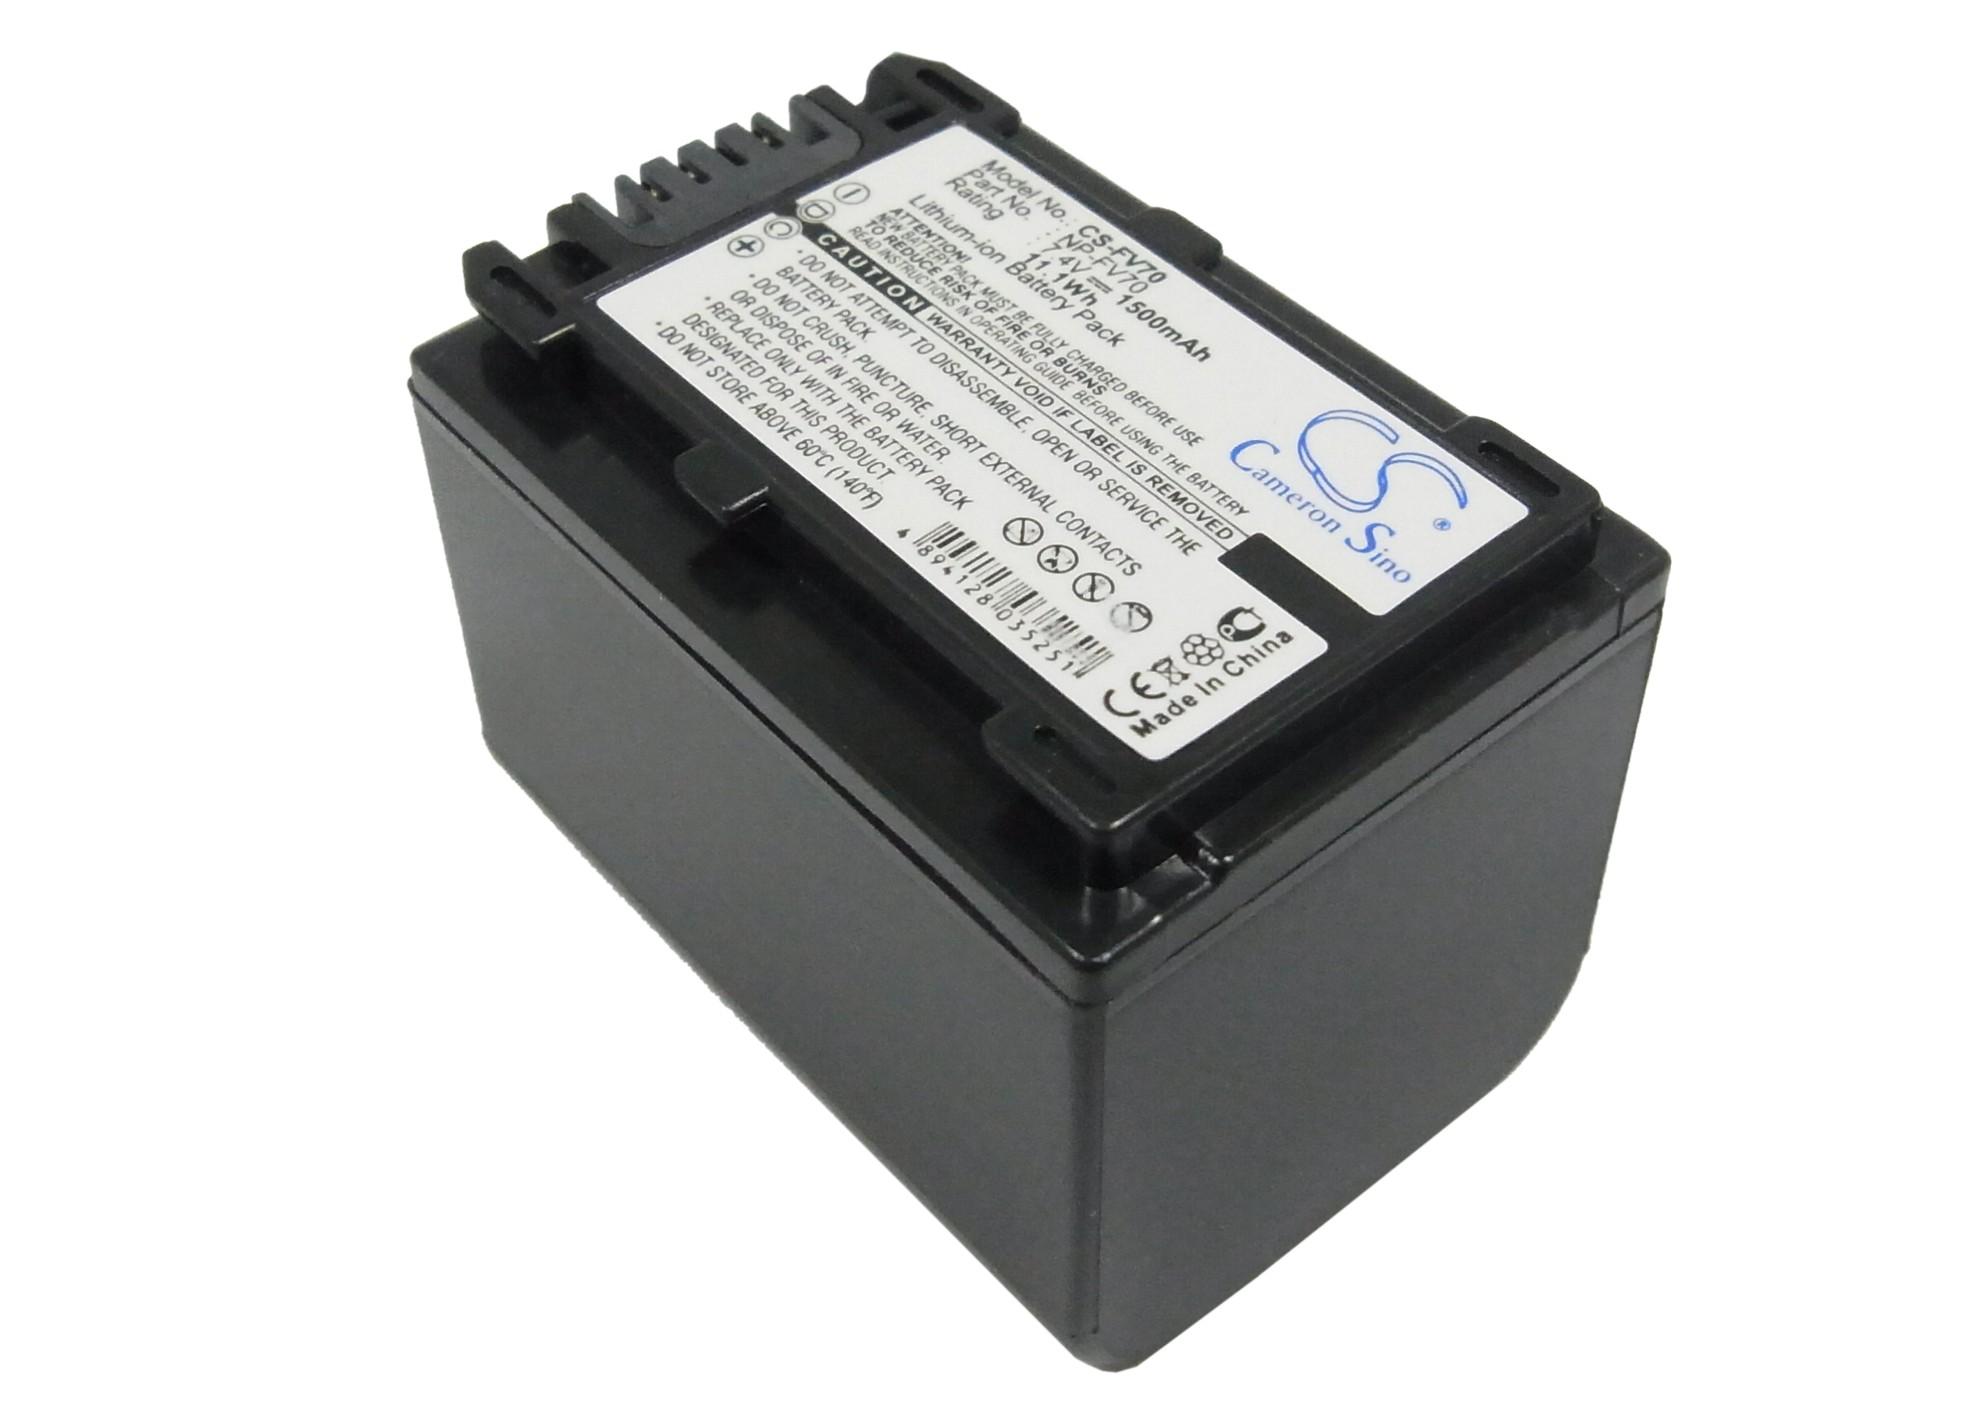 Cameron Sino baterie do kamer a fotoaparátů pro SONY HDR-CX520V 7.4V Li-ion 1500mAh černá - neoriginální